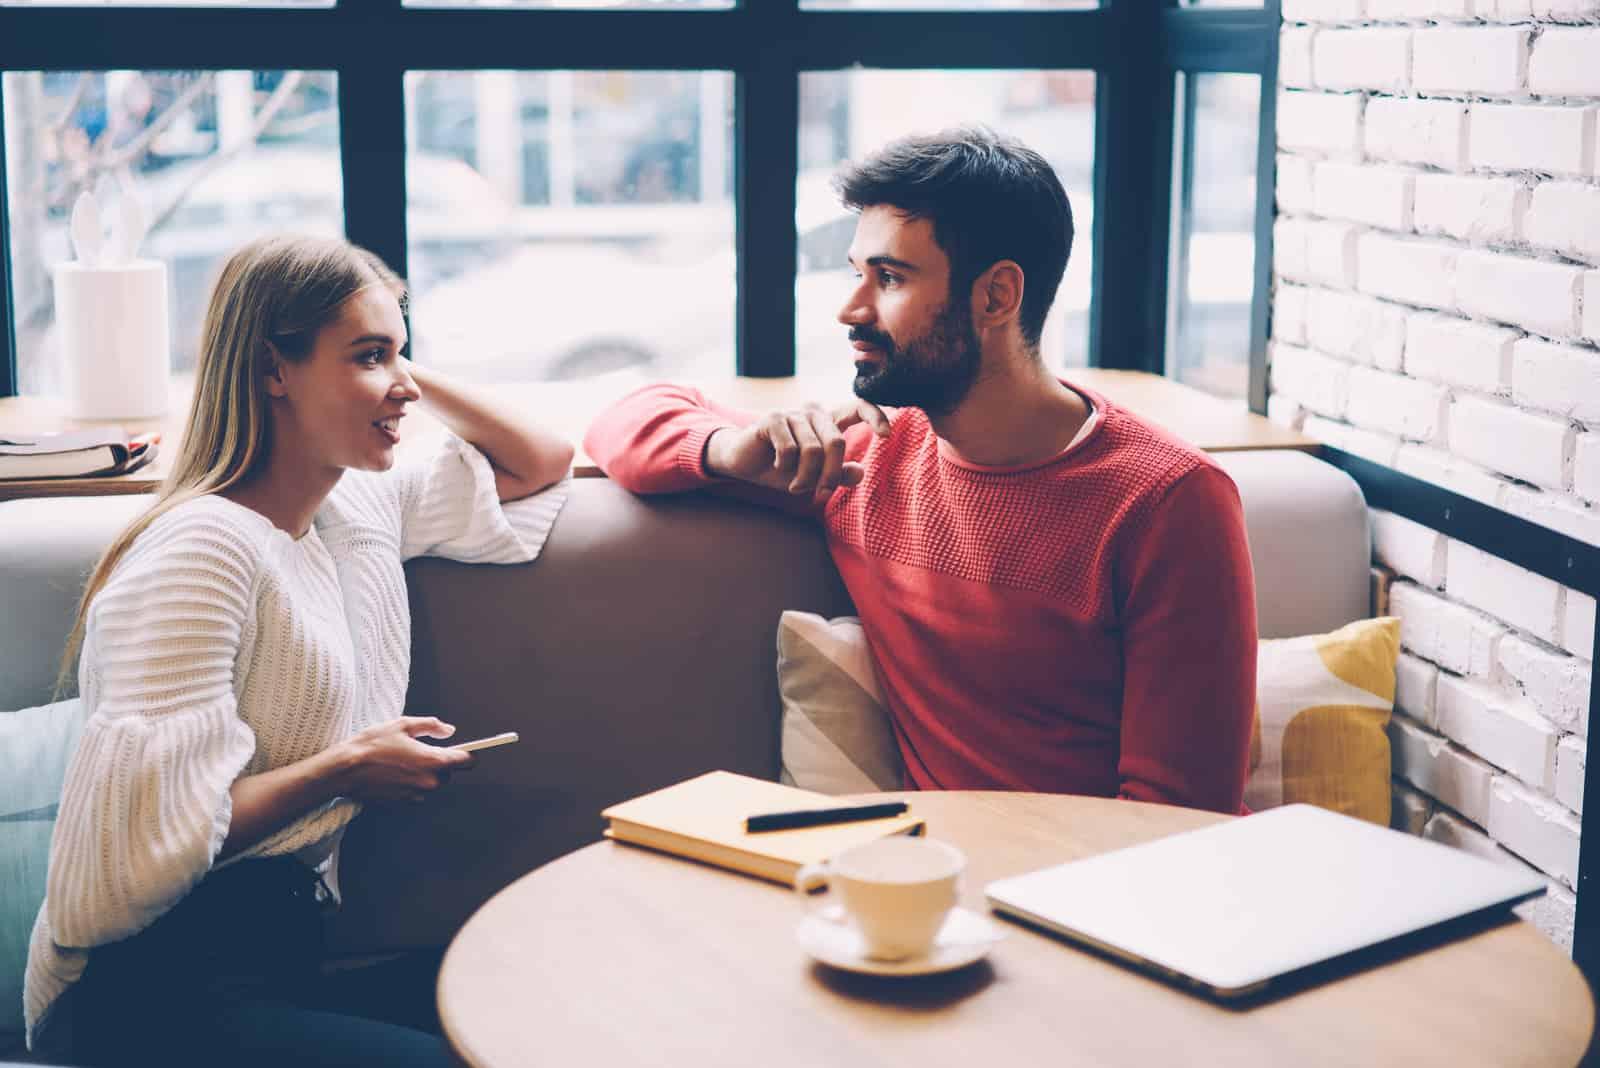 Junge Frau und Mann sprechen beim ersten Date im gemütlichen Café